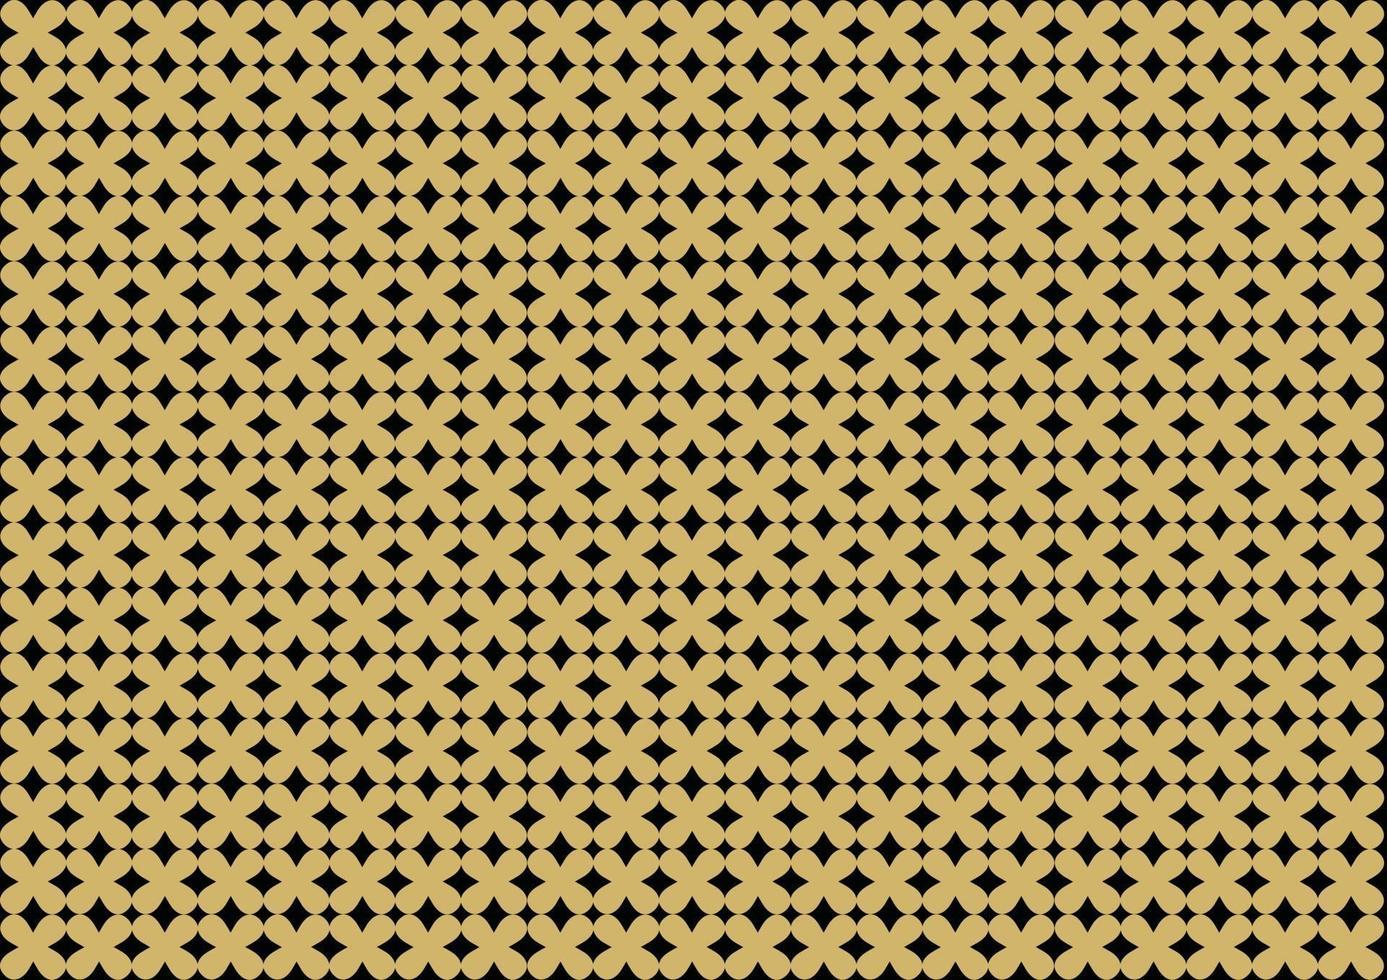 trama dorata. motivo geometrico senza soluzione di continuità. astratto sfondo dorato. vettore di hipster modello retrò